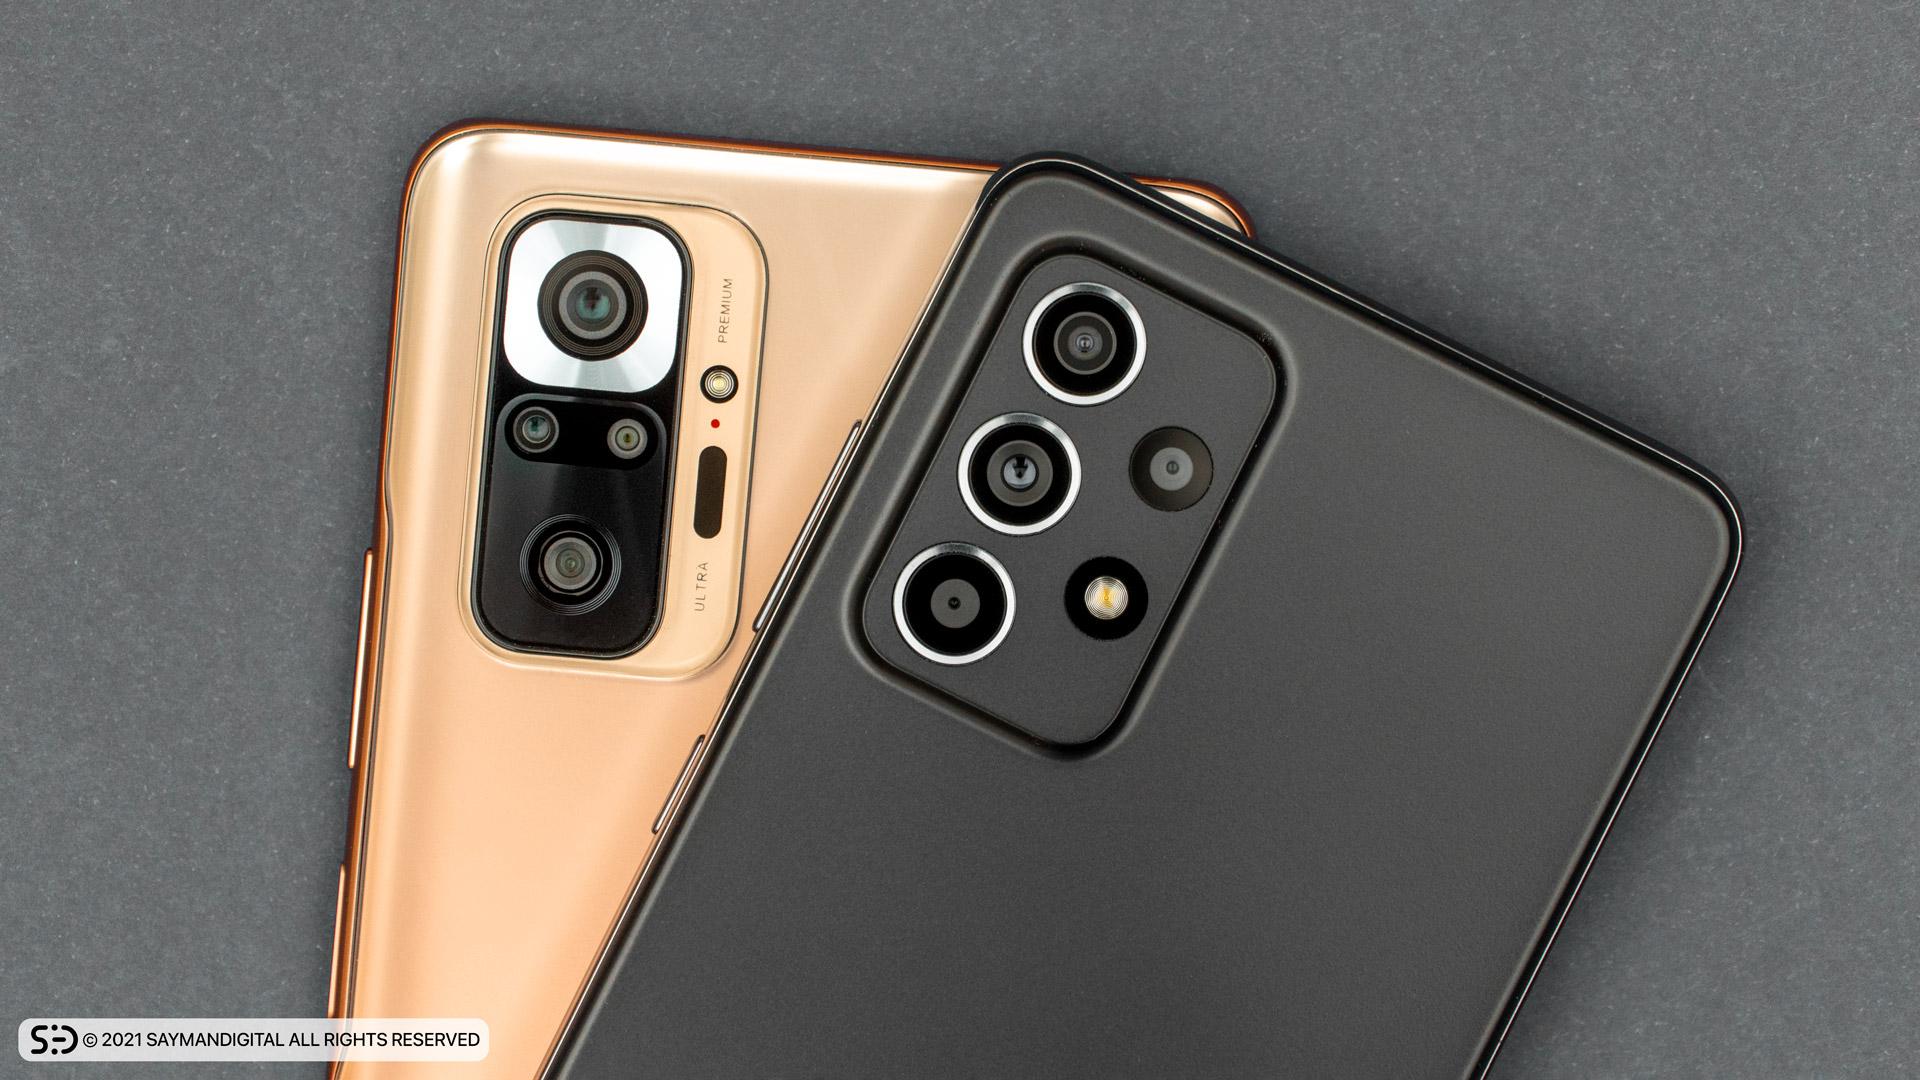 مقایسه چیدمان لنز دوربینهای دو گوشی - redmi note 10 pro یا a52